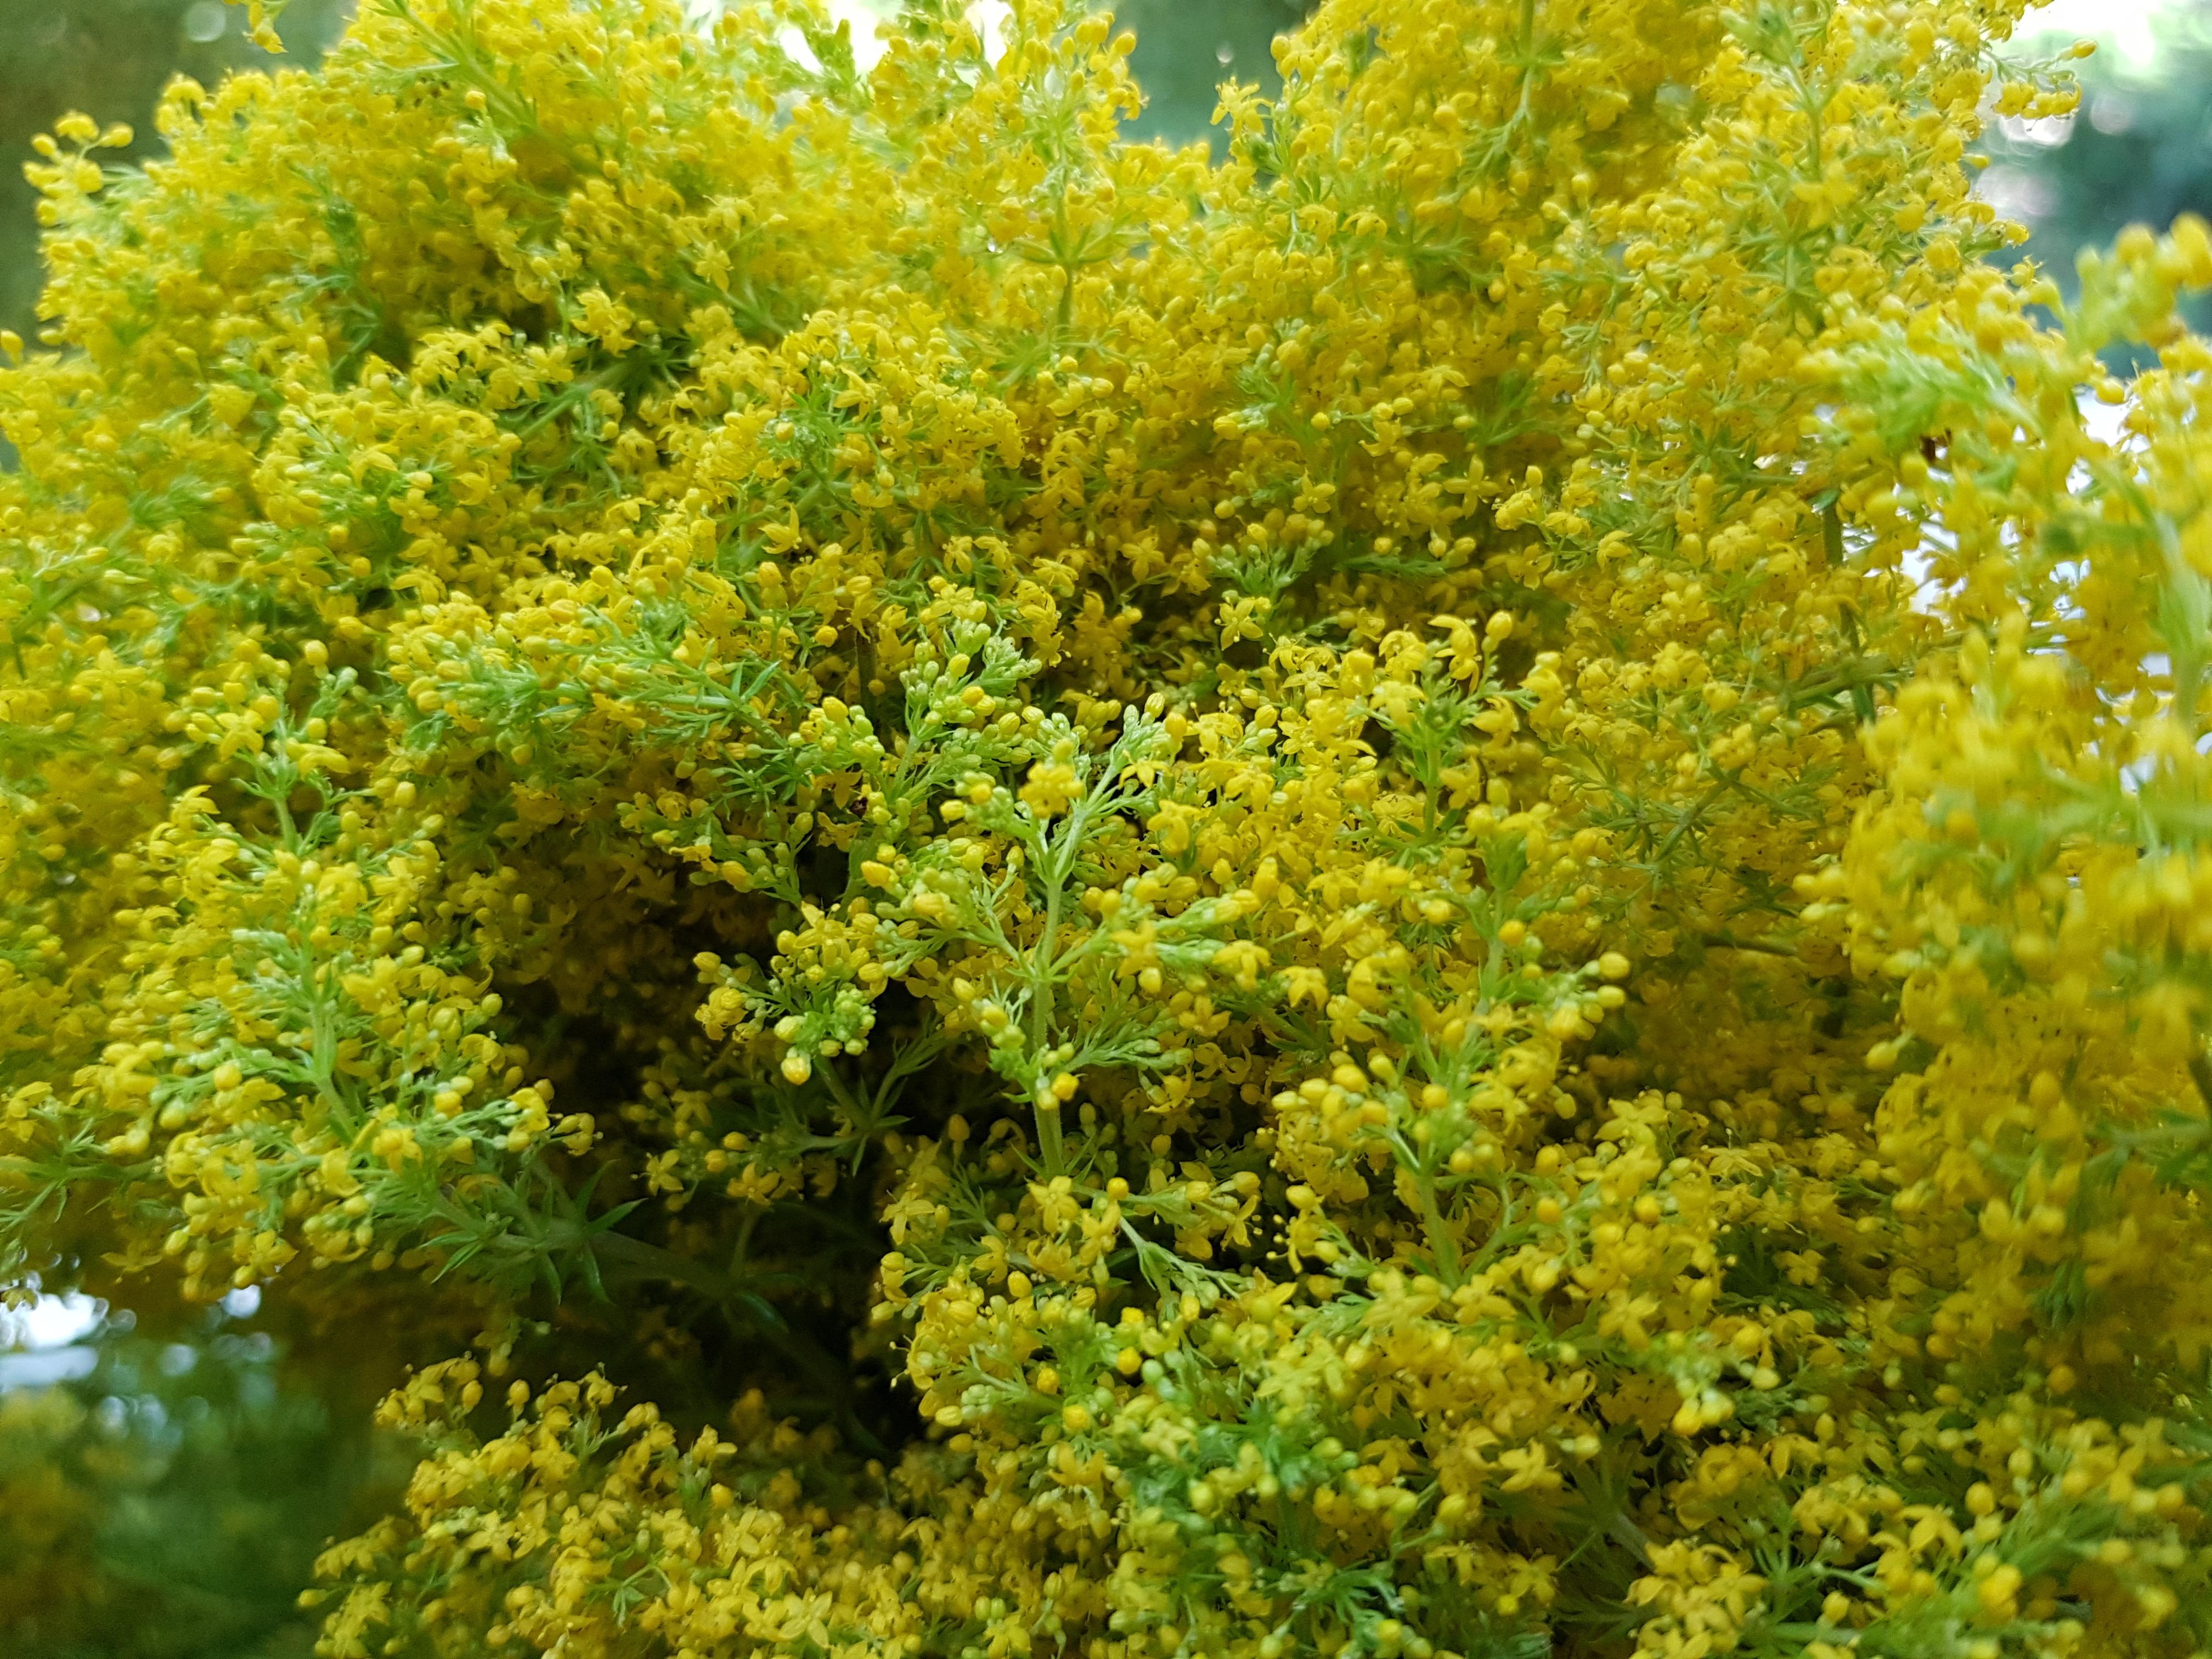 Sânzienele, cel mai de preţ leac al verii! Drăgaică sau floarea Sfântului Ion, sânzienele constituie una dintre plantele medicinale cele mai utilizate în medicina naturistă. Cele mai bune efecte s-au observat în afecţiunile renale